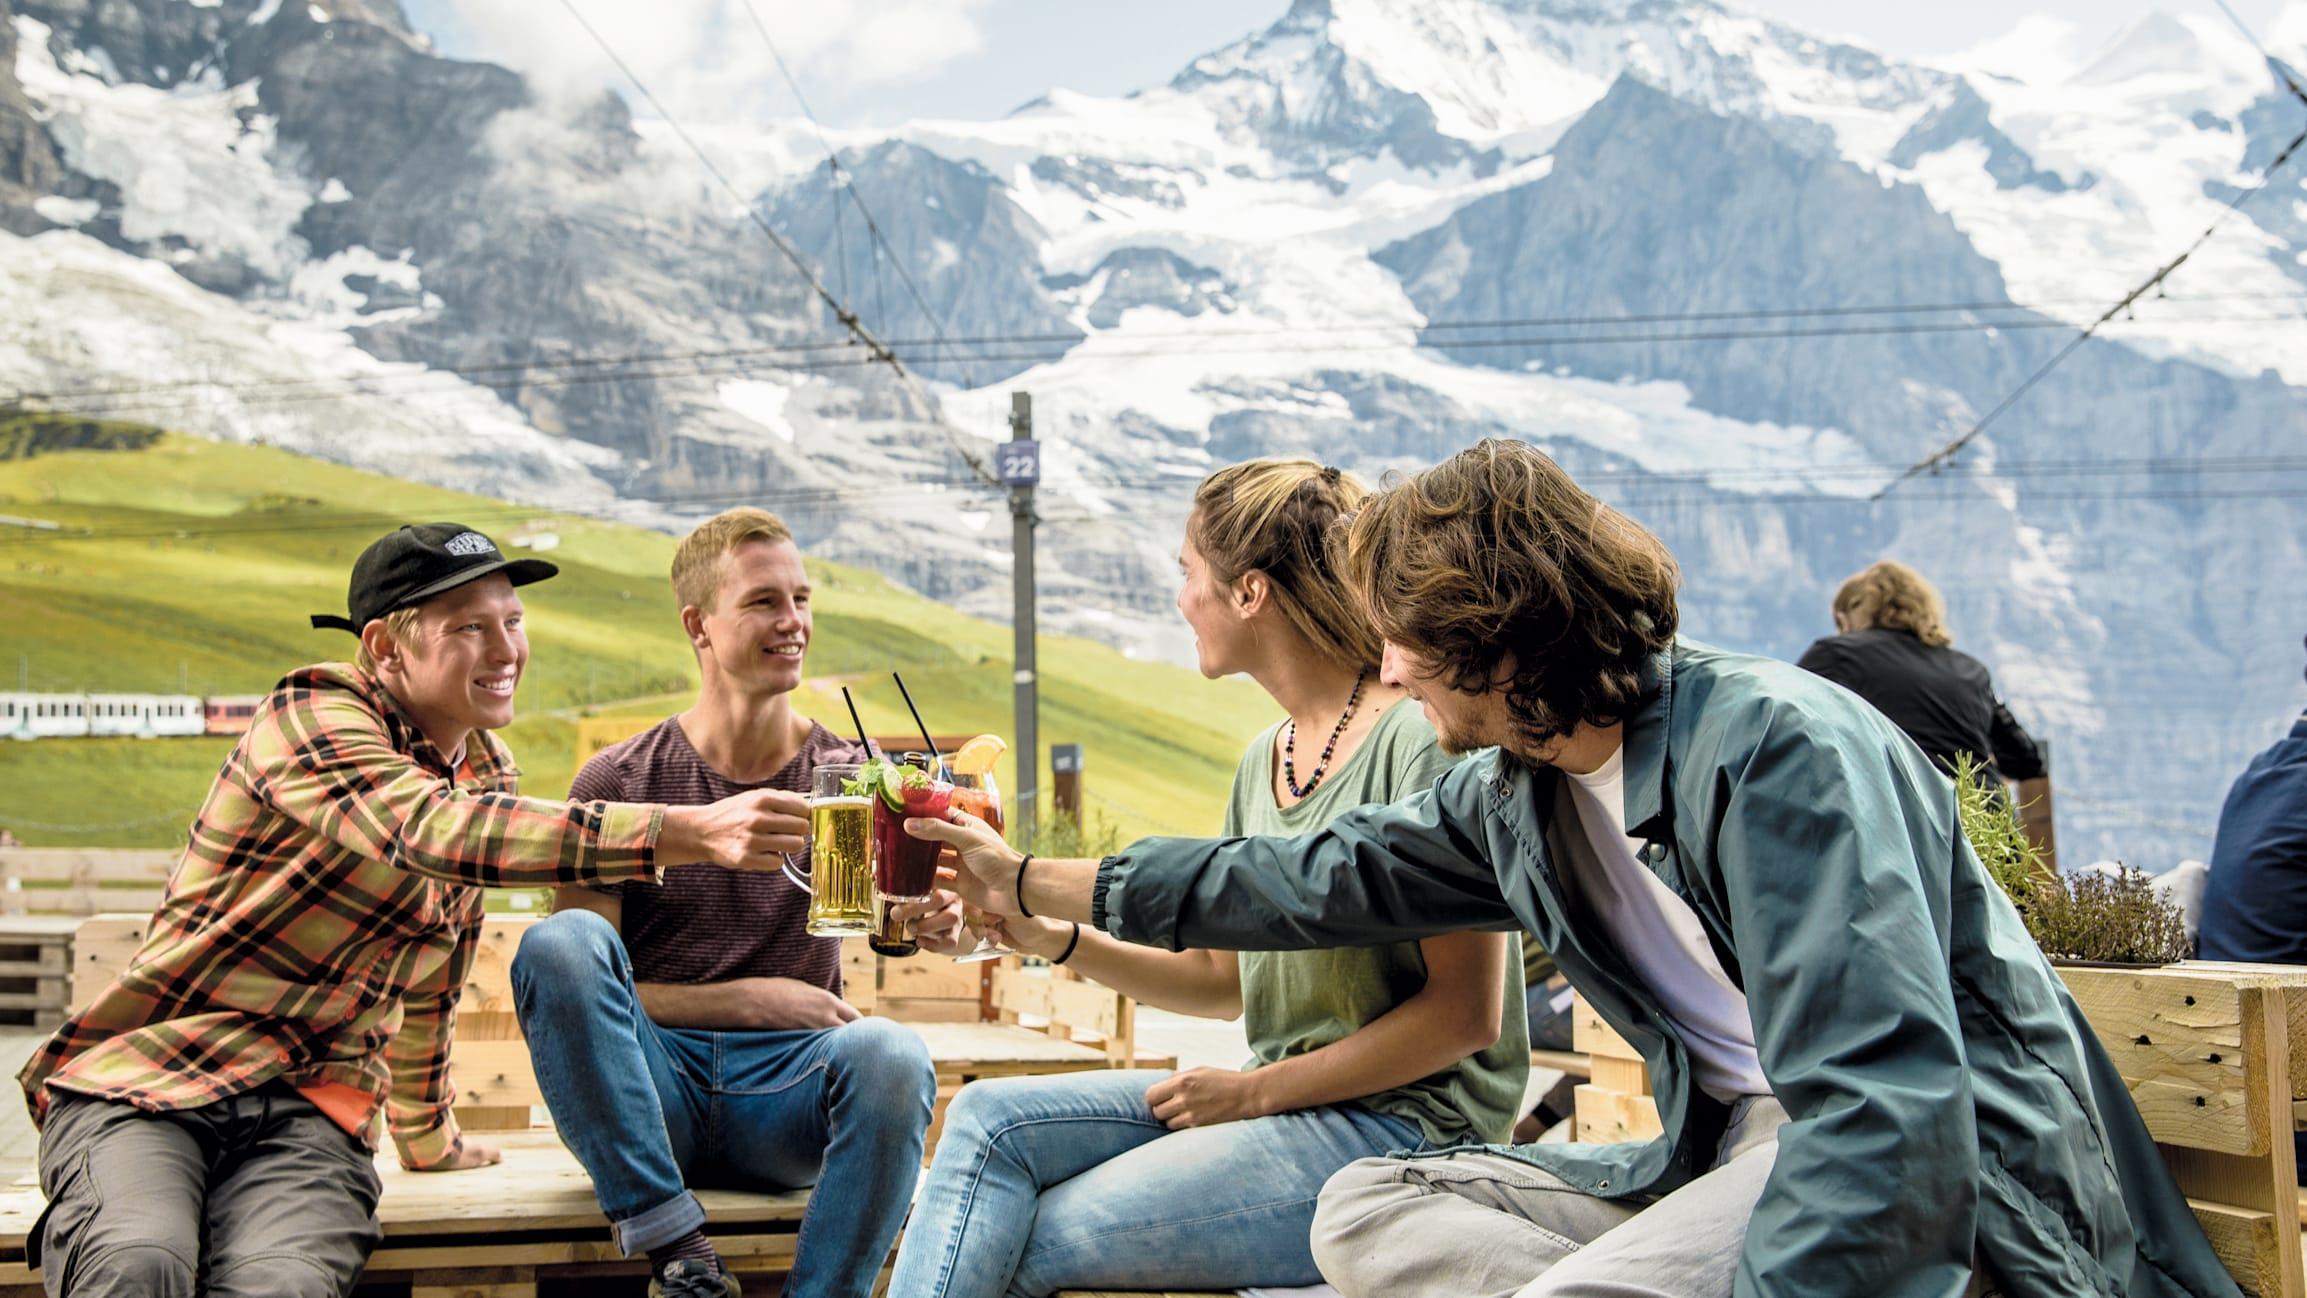 Bergrestaurant Kleine Scheidegg Getraenke